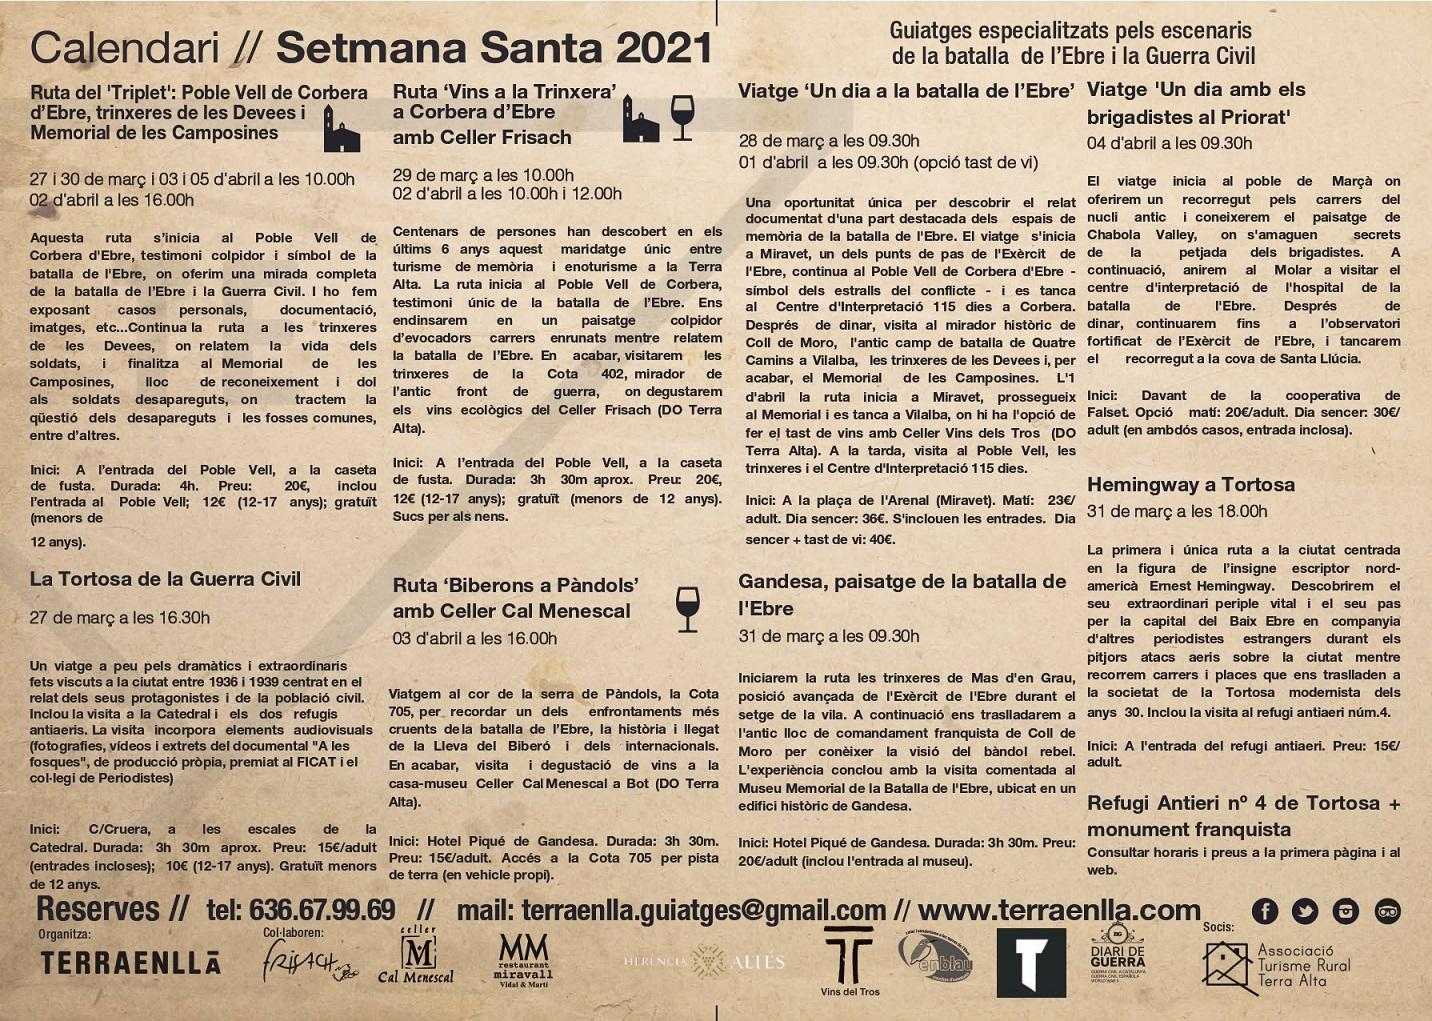 Calendari Setmana Santa 2021 (2). Visita als espais de la batalla de l'Ebre. Terra Enllà